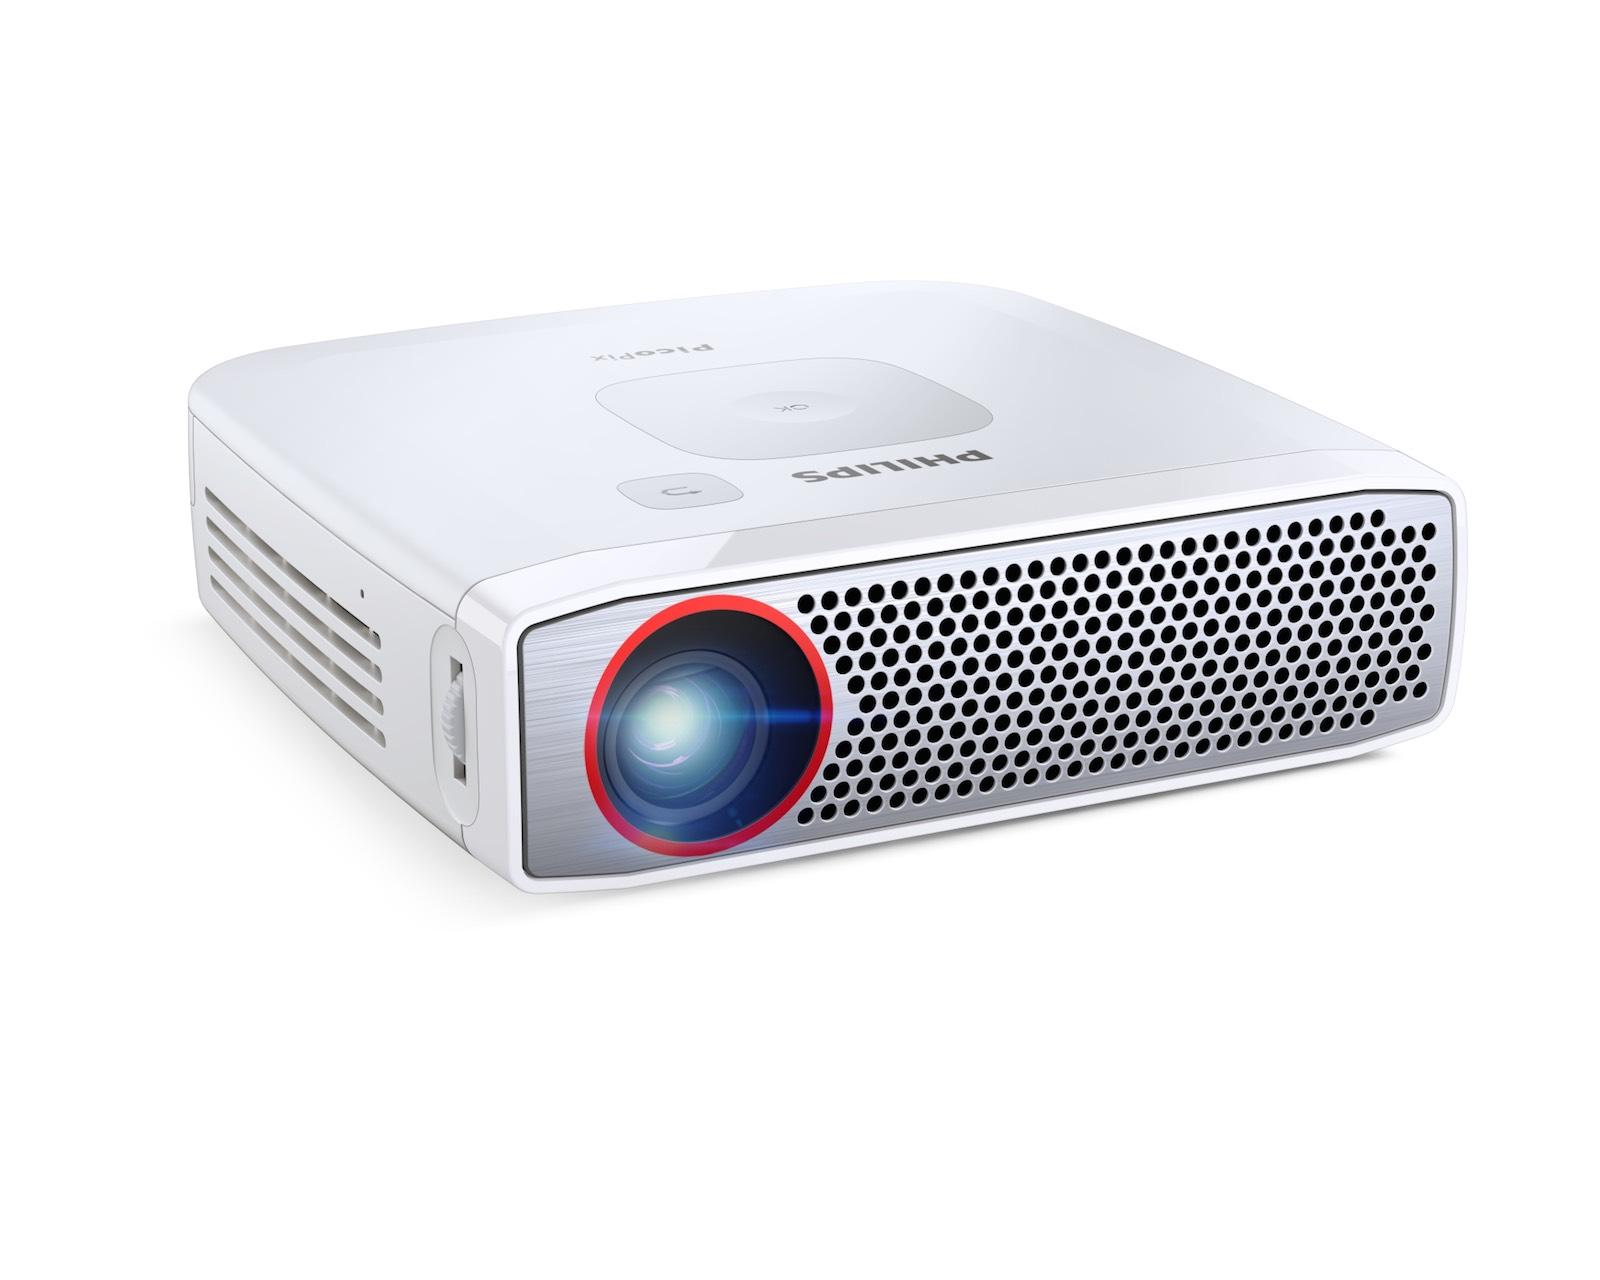 Philips PicoPix, nuovi proiettori tascabili per film e presentazioni ovunque